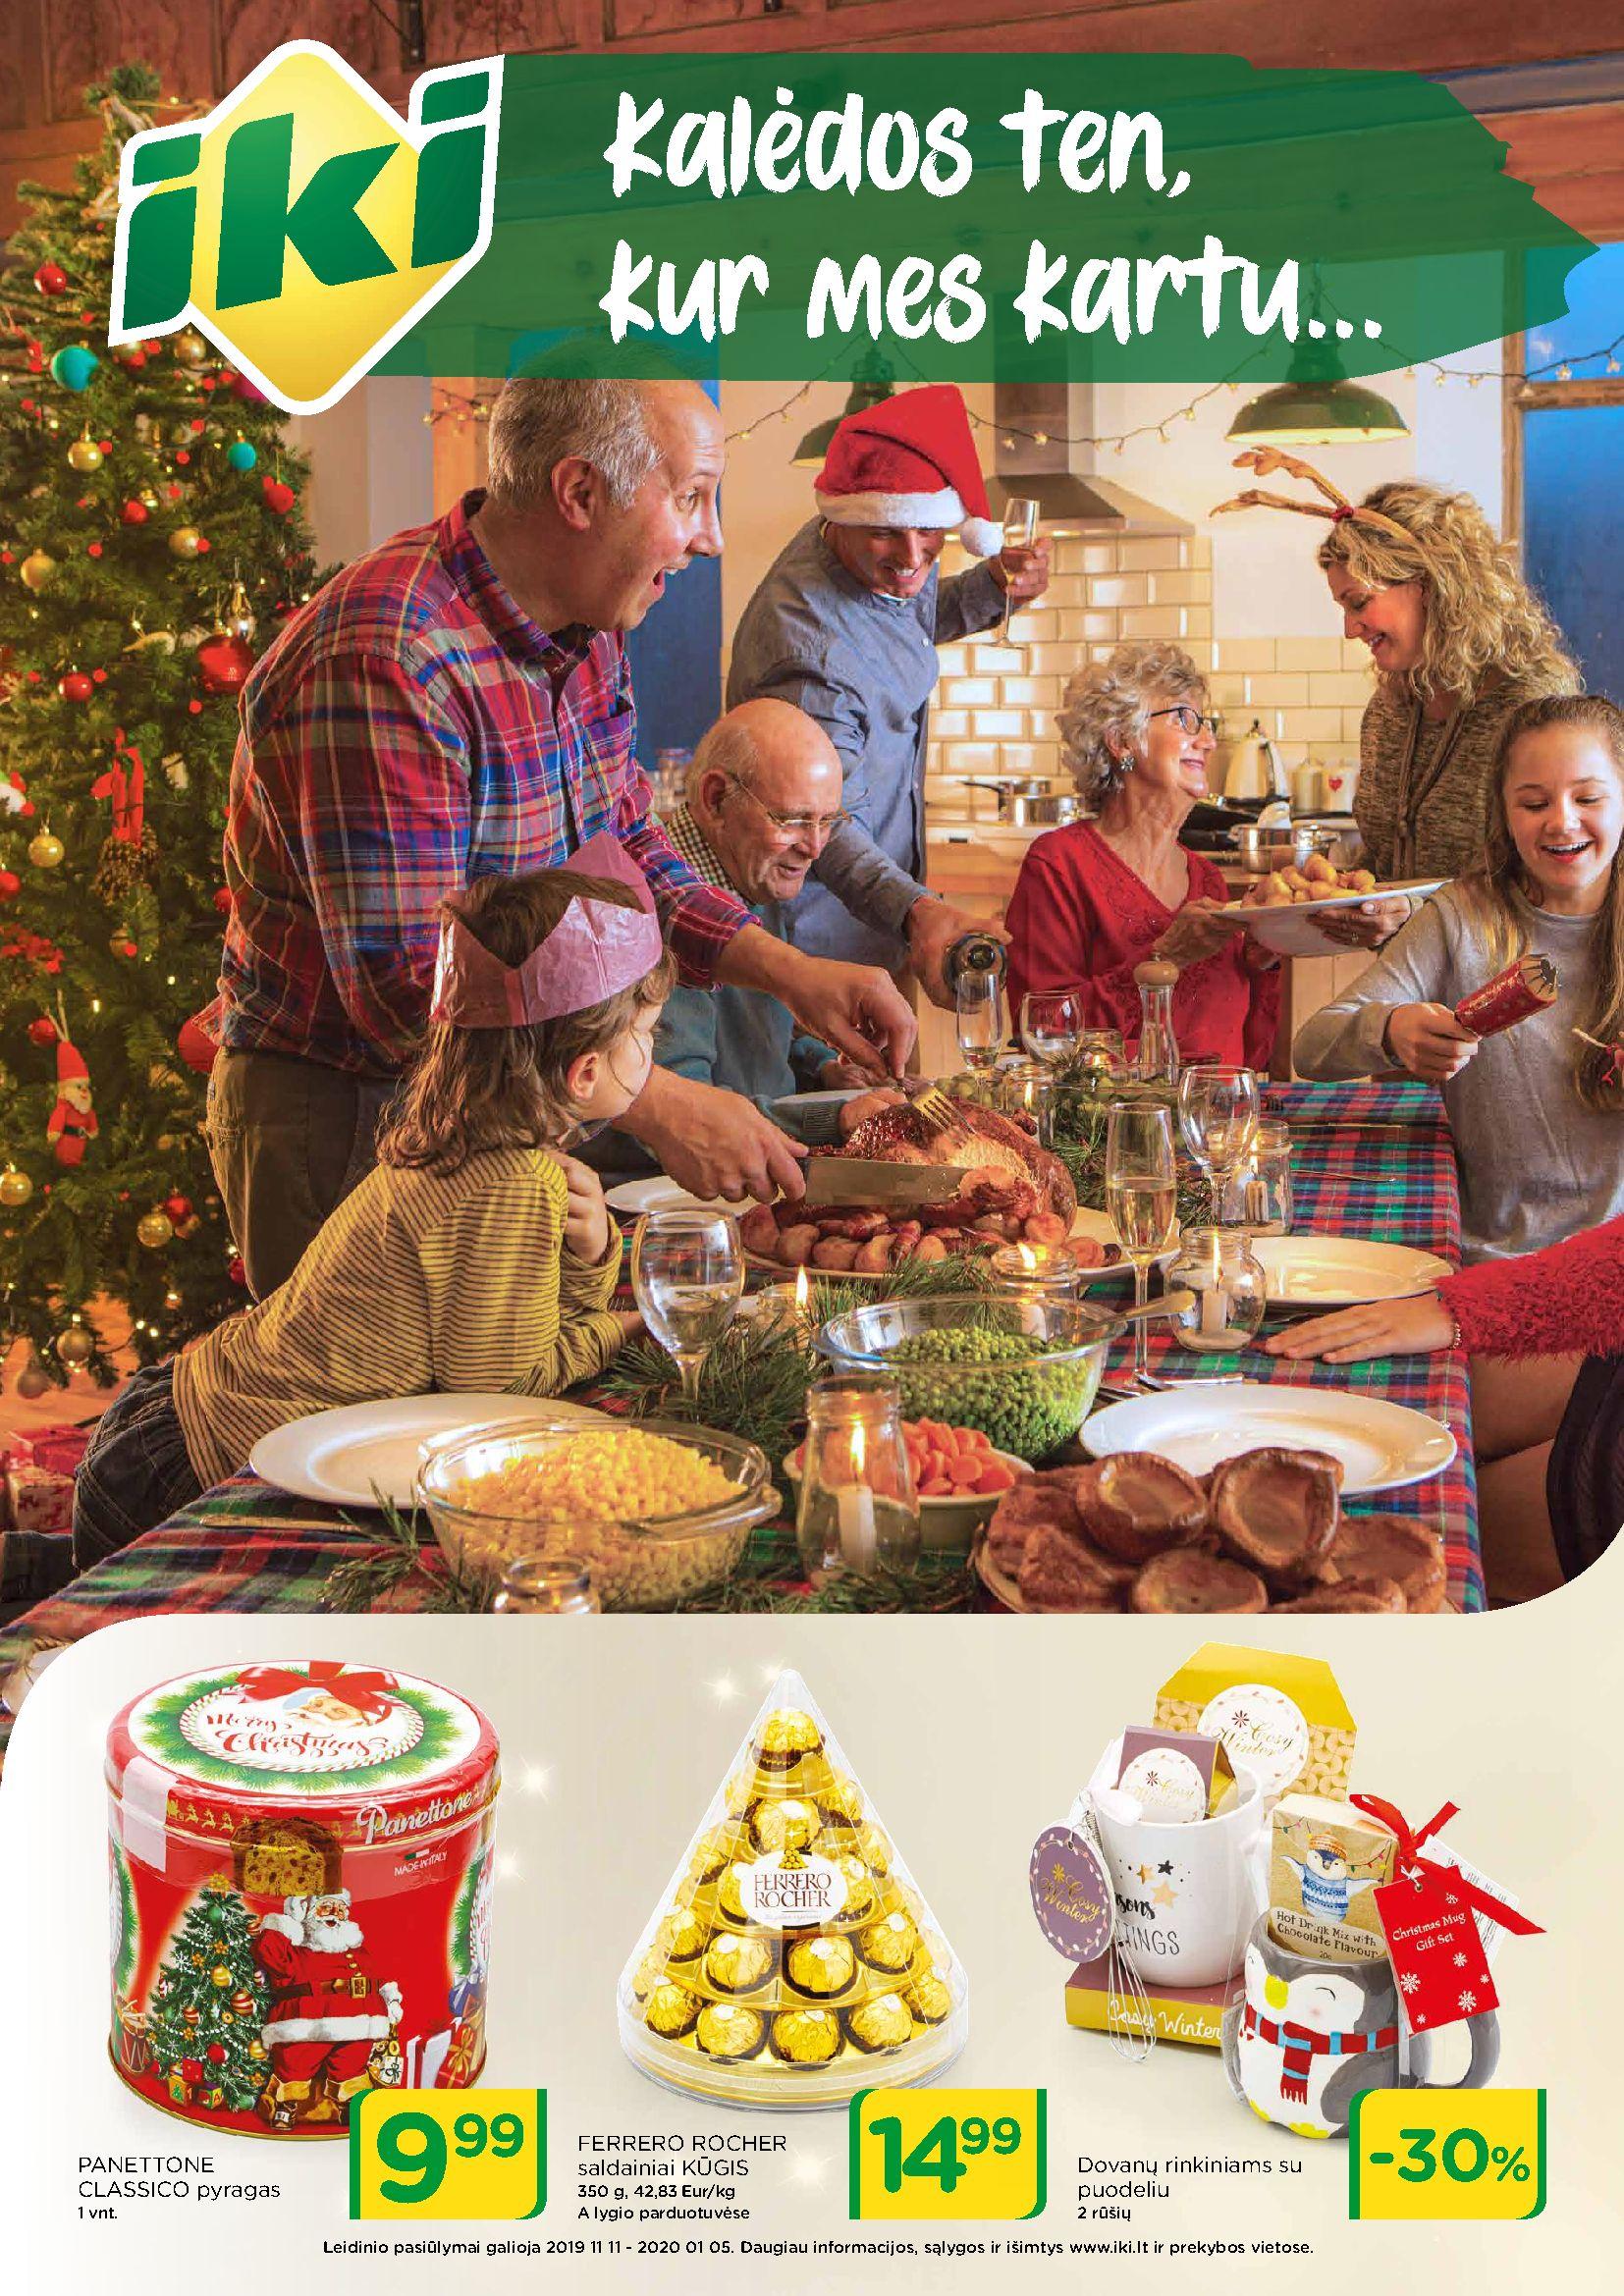 IKI Kolėdos ten, kur mes kartu